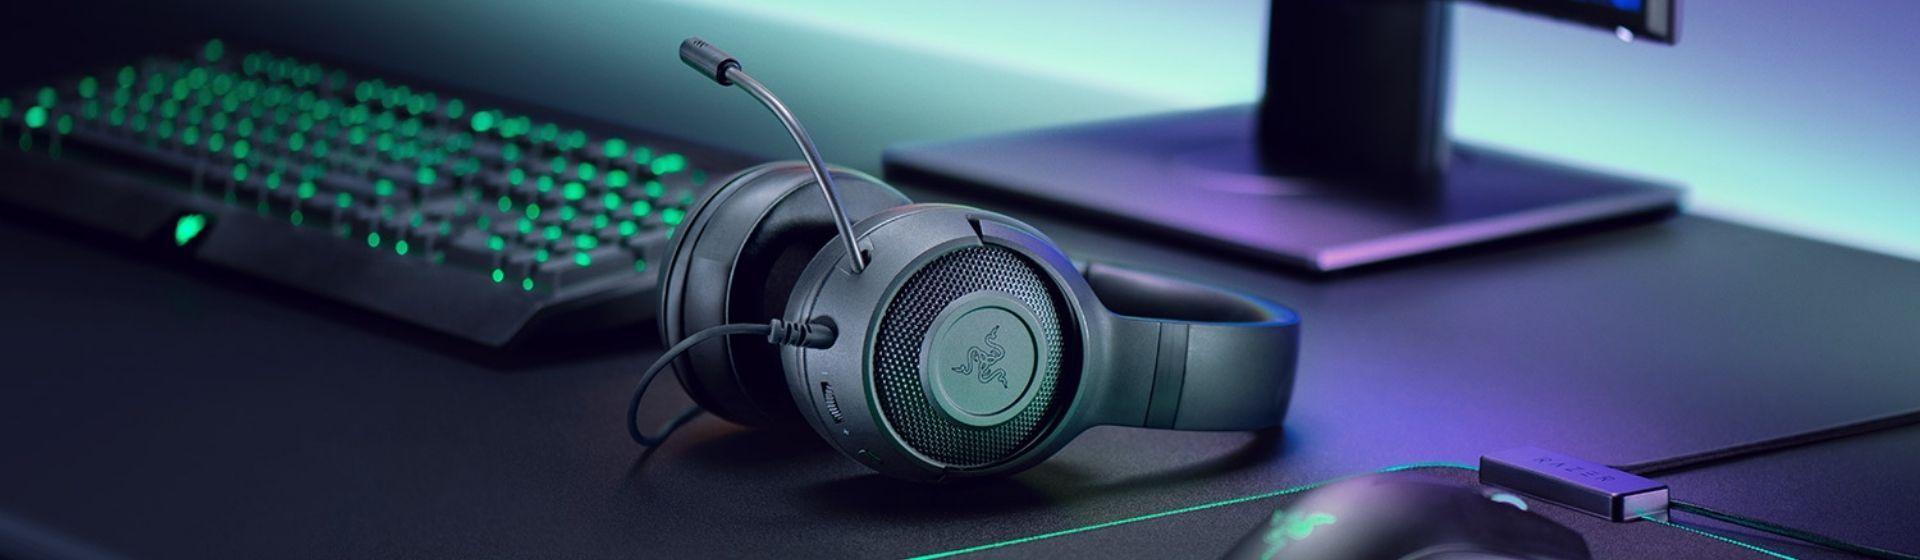 Melhor headset Razer: 10 modelos de fone Razer para comprar em 2021